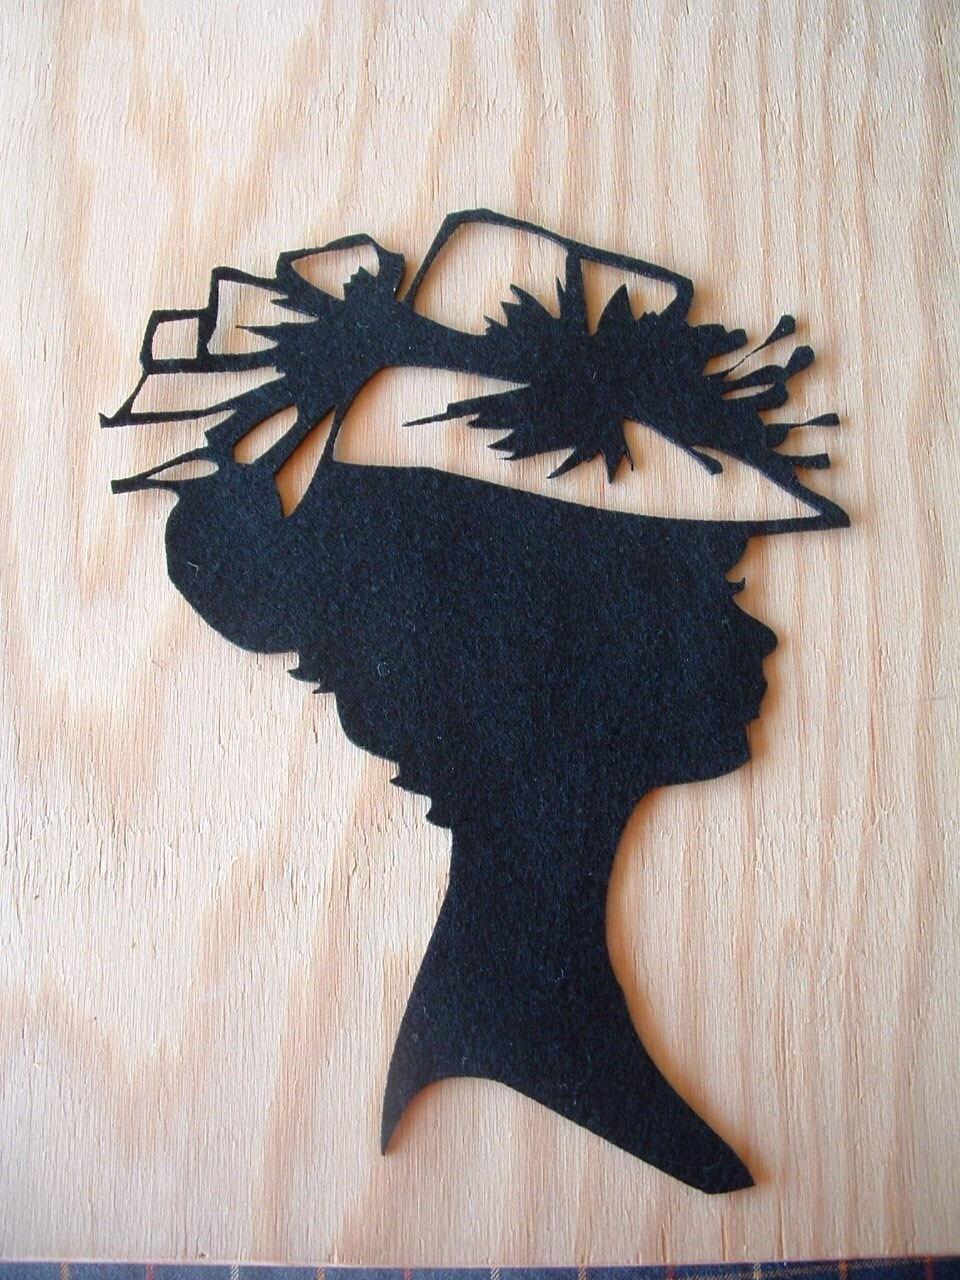 Black felt silhouette